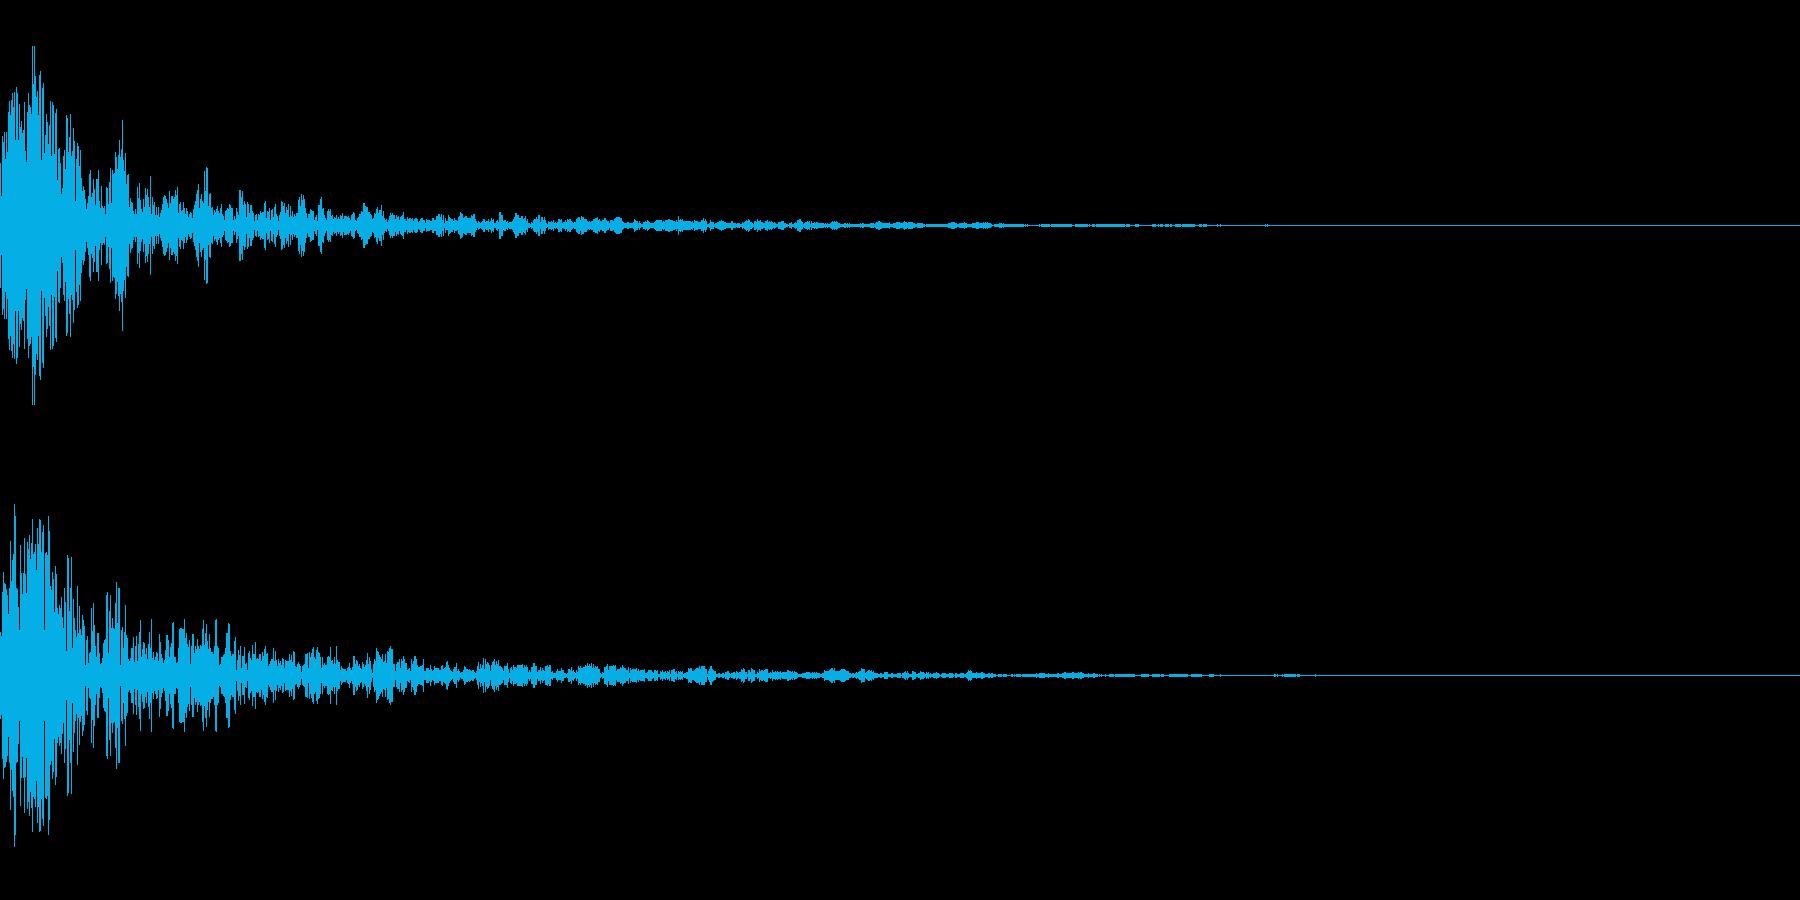 ドーン-53-1(インパクト音)の再生済みの波形